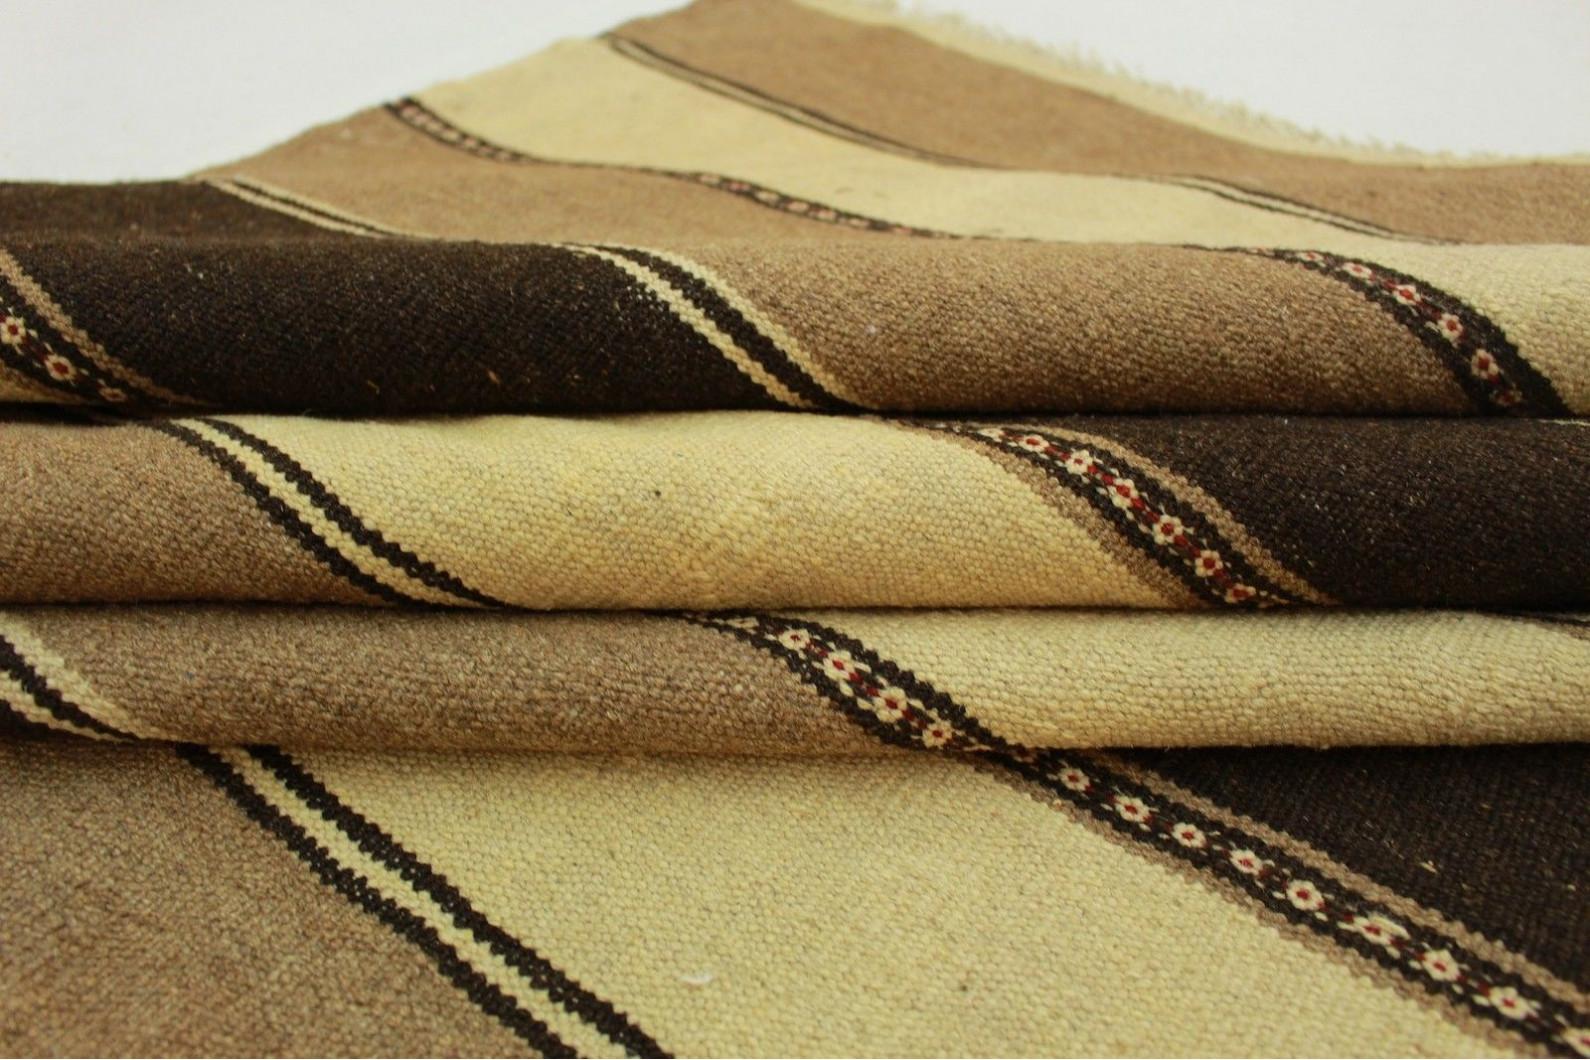 kelim teppich braun beige in 240x160cm 1001 5009 bei kaufen. Black Bedroom Furniture Sets. Home Design Ideas